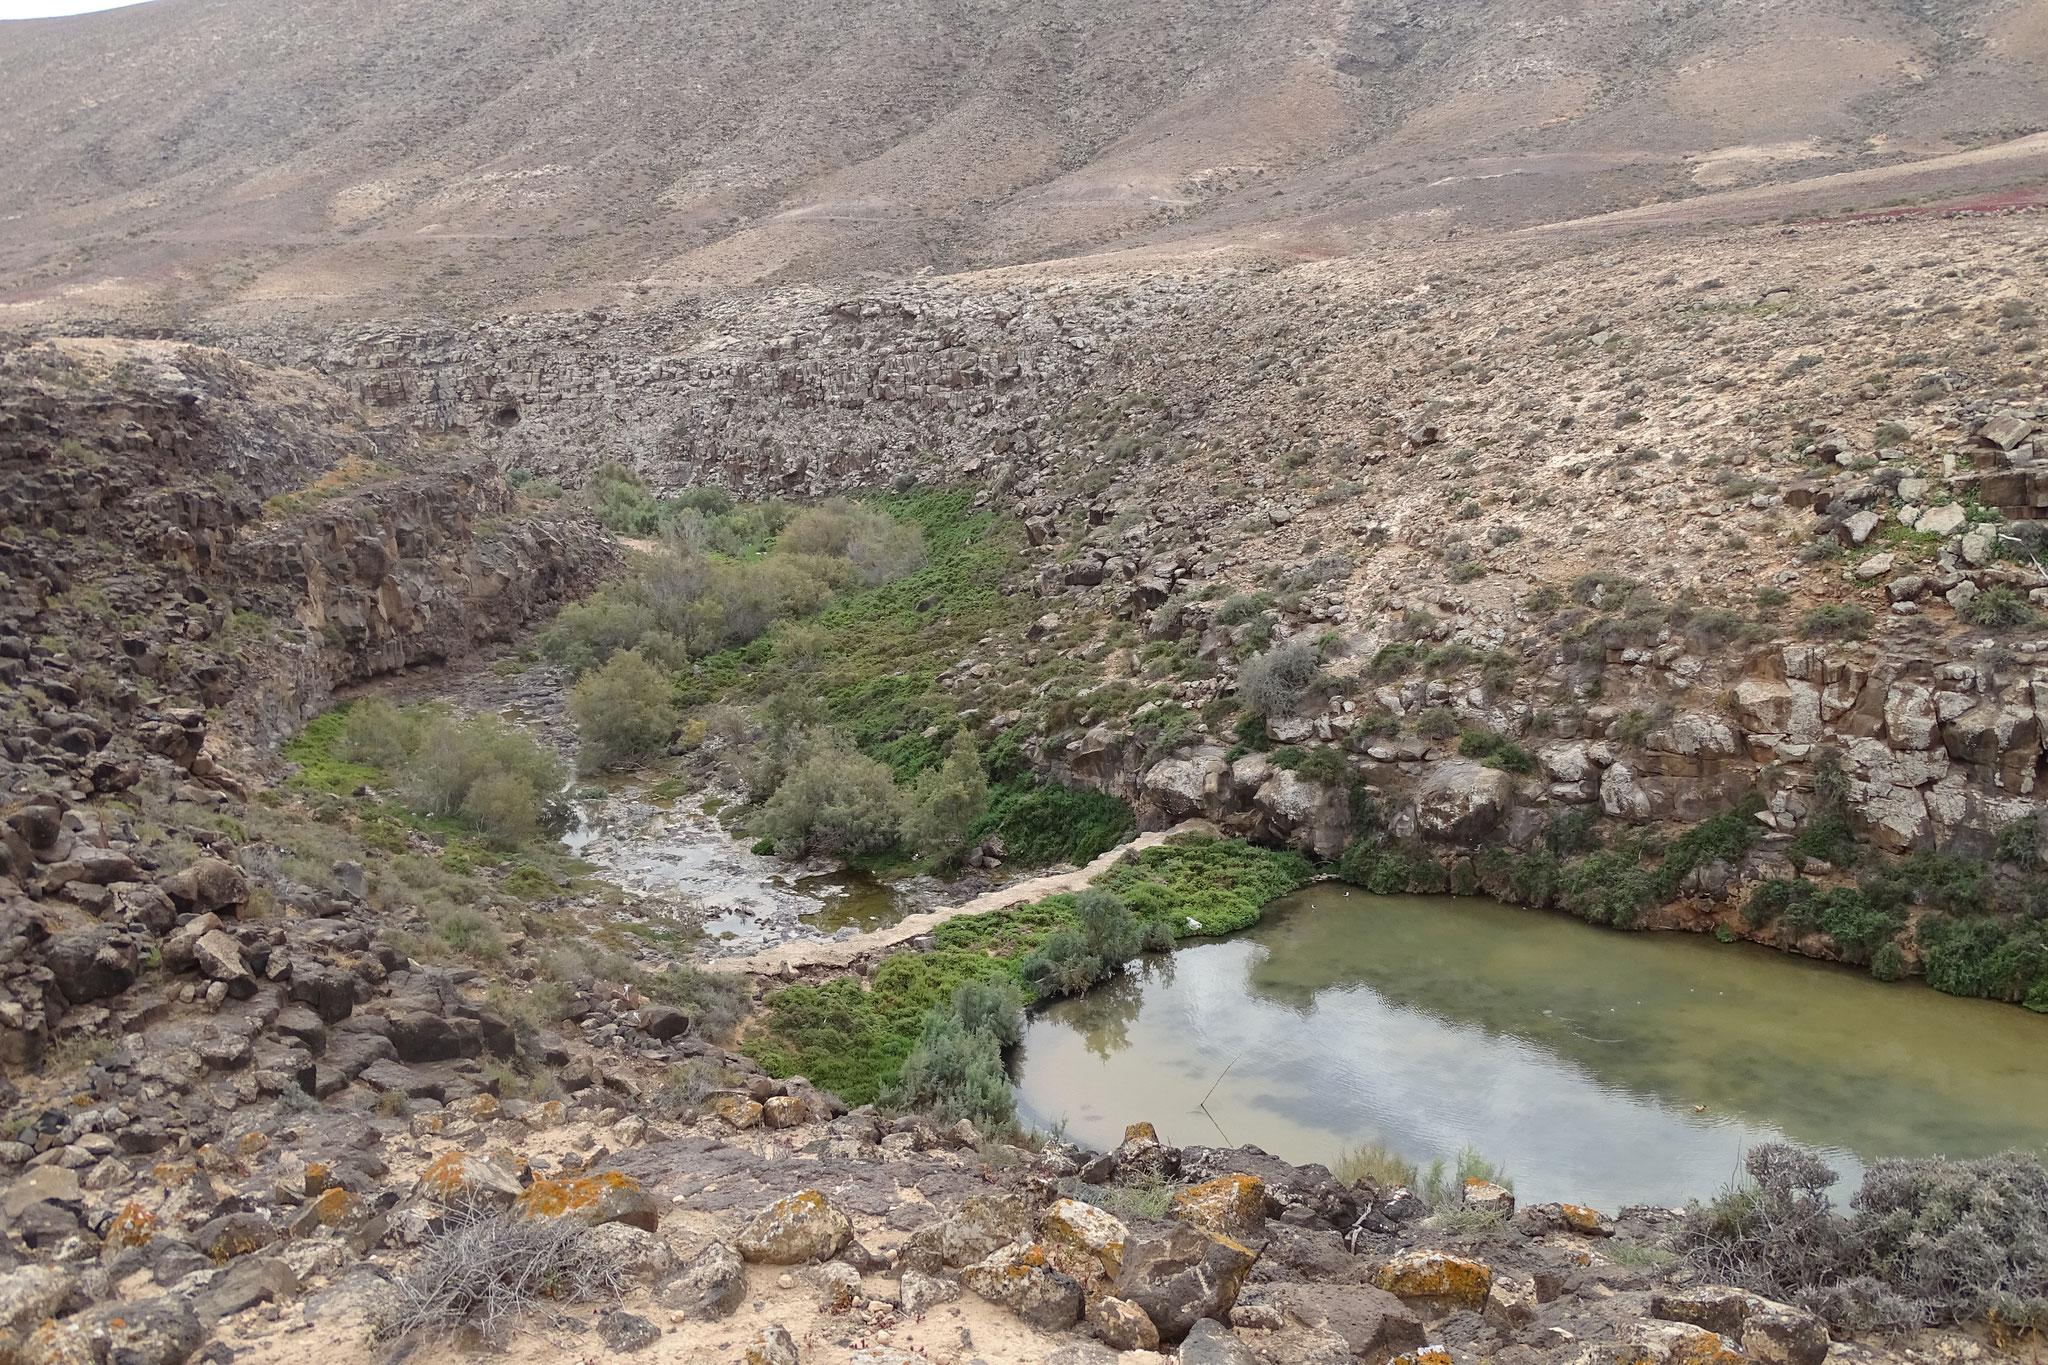 Ein weiterer Beobachtungsort mit kleinen Wasserreservoirs befindet sich nahe Puerto Rosario, der Barranco de Rio Cabras